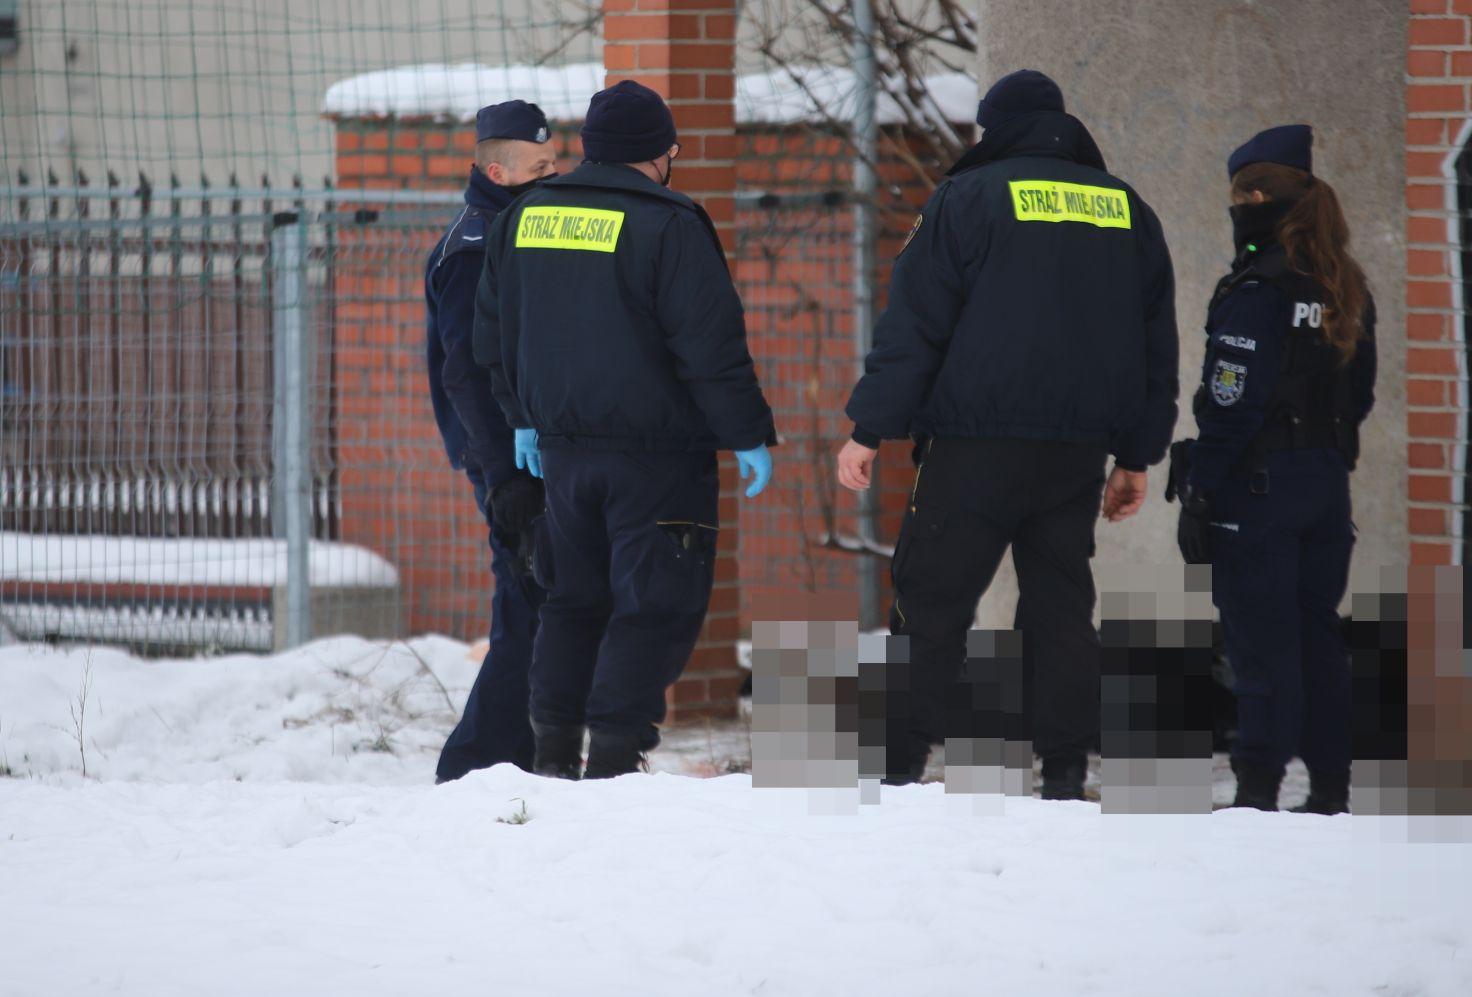 Śmierć w centrum: służby komentują, prokuratura ustala co się stało - Zdjęcie główne